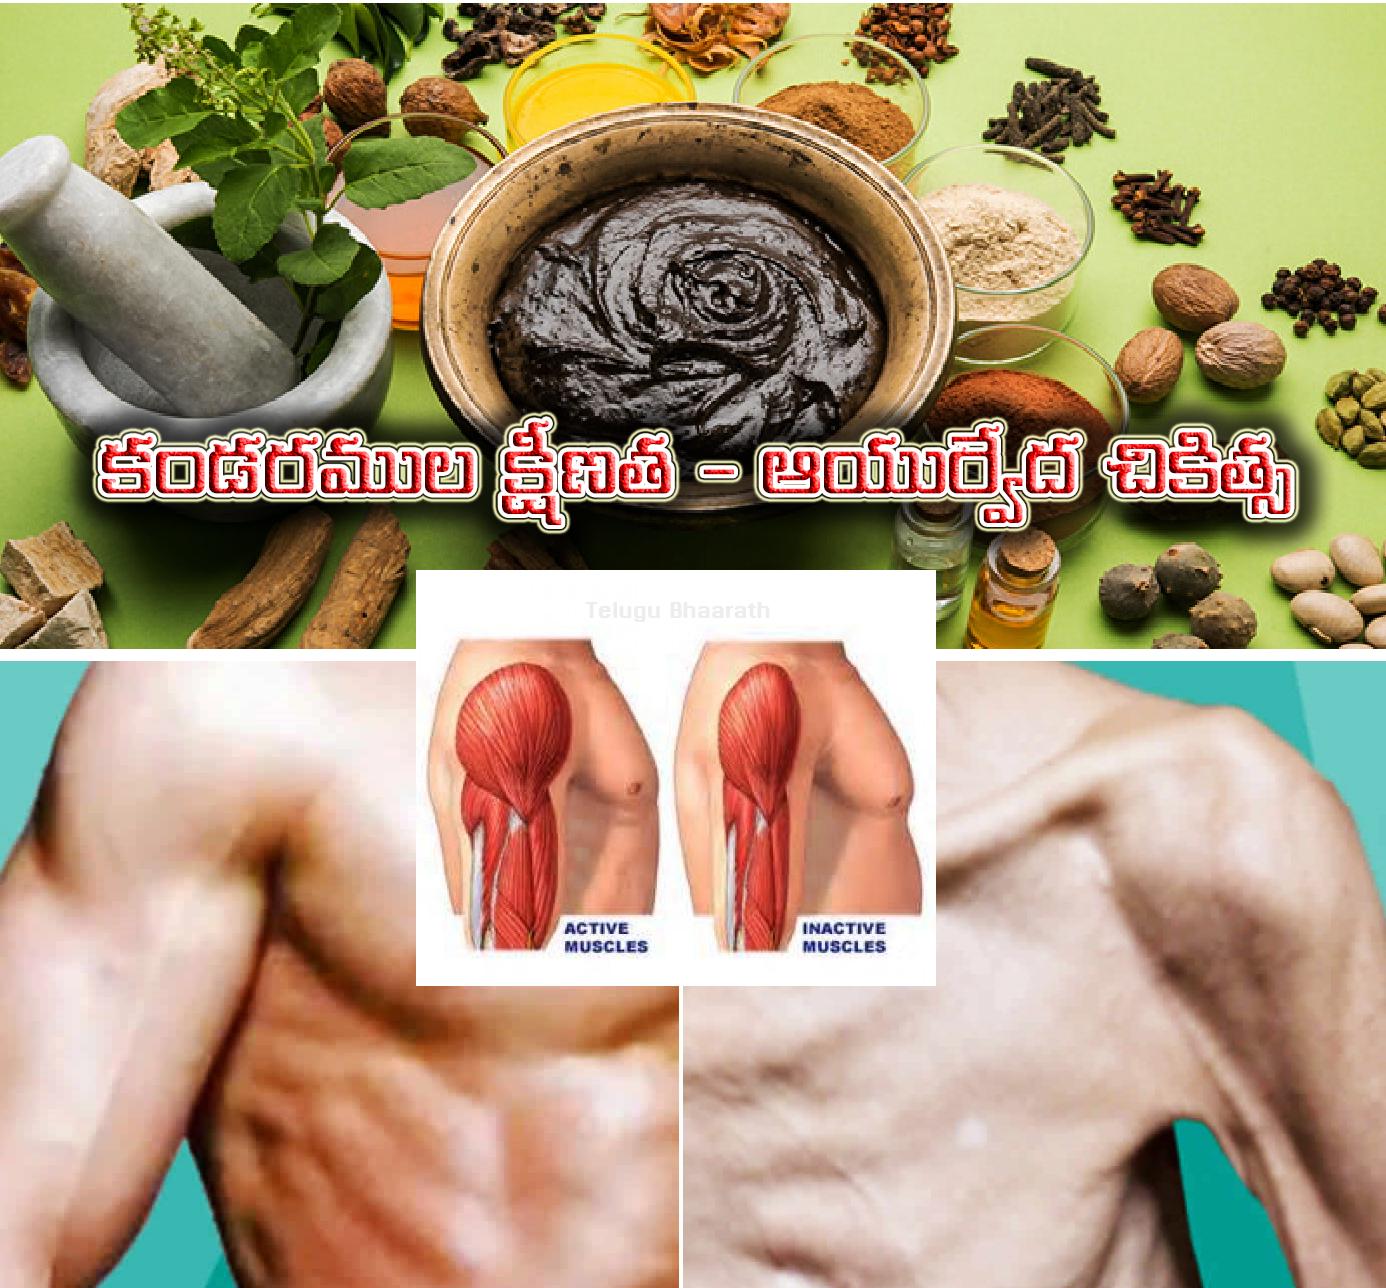 కండరముల క్షీణత - ఆయుర్వేద చికిత్స - Muscular atrophy - Ayurvedic treatment